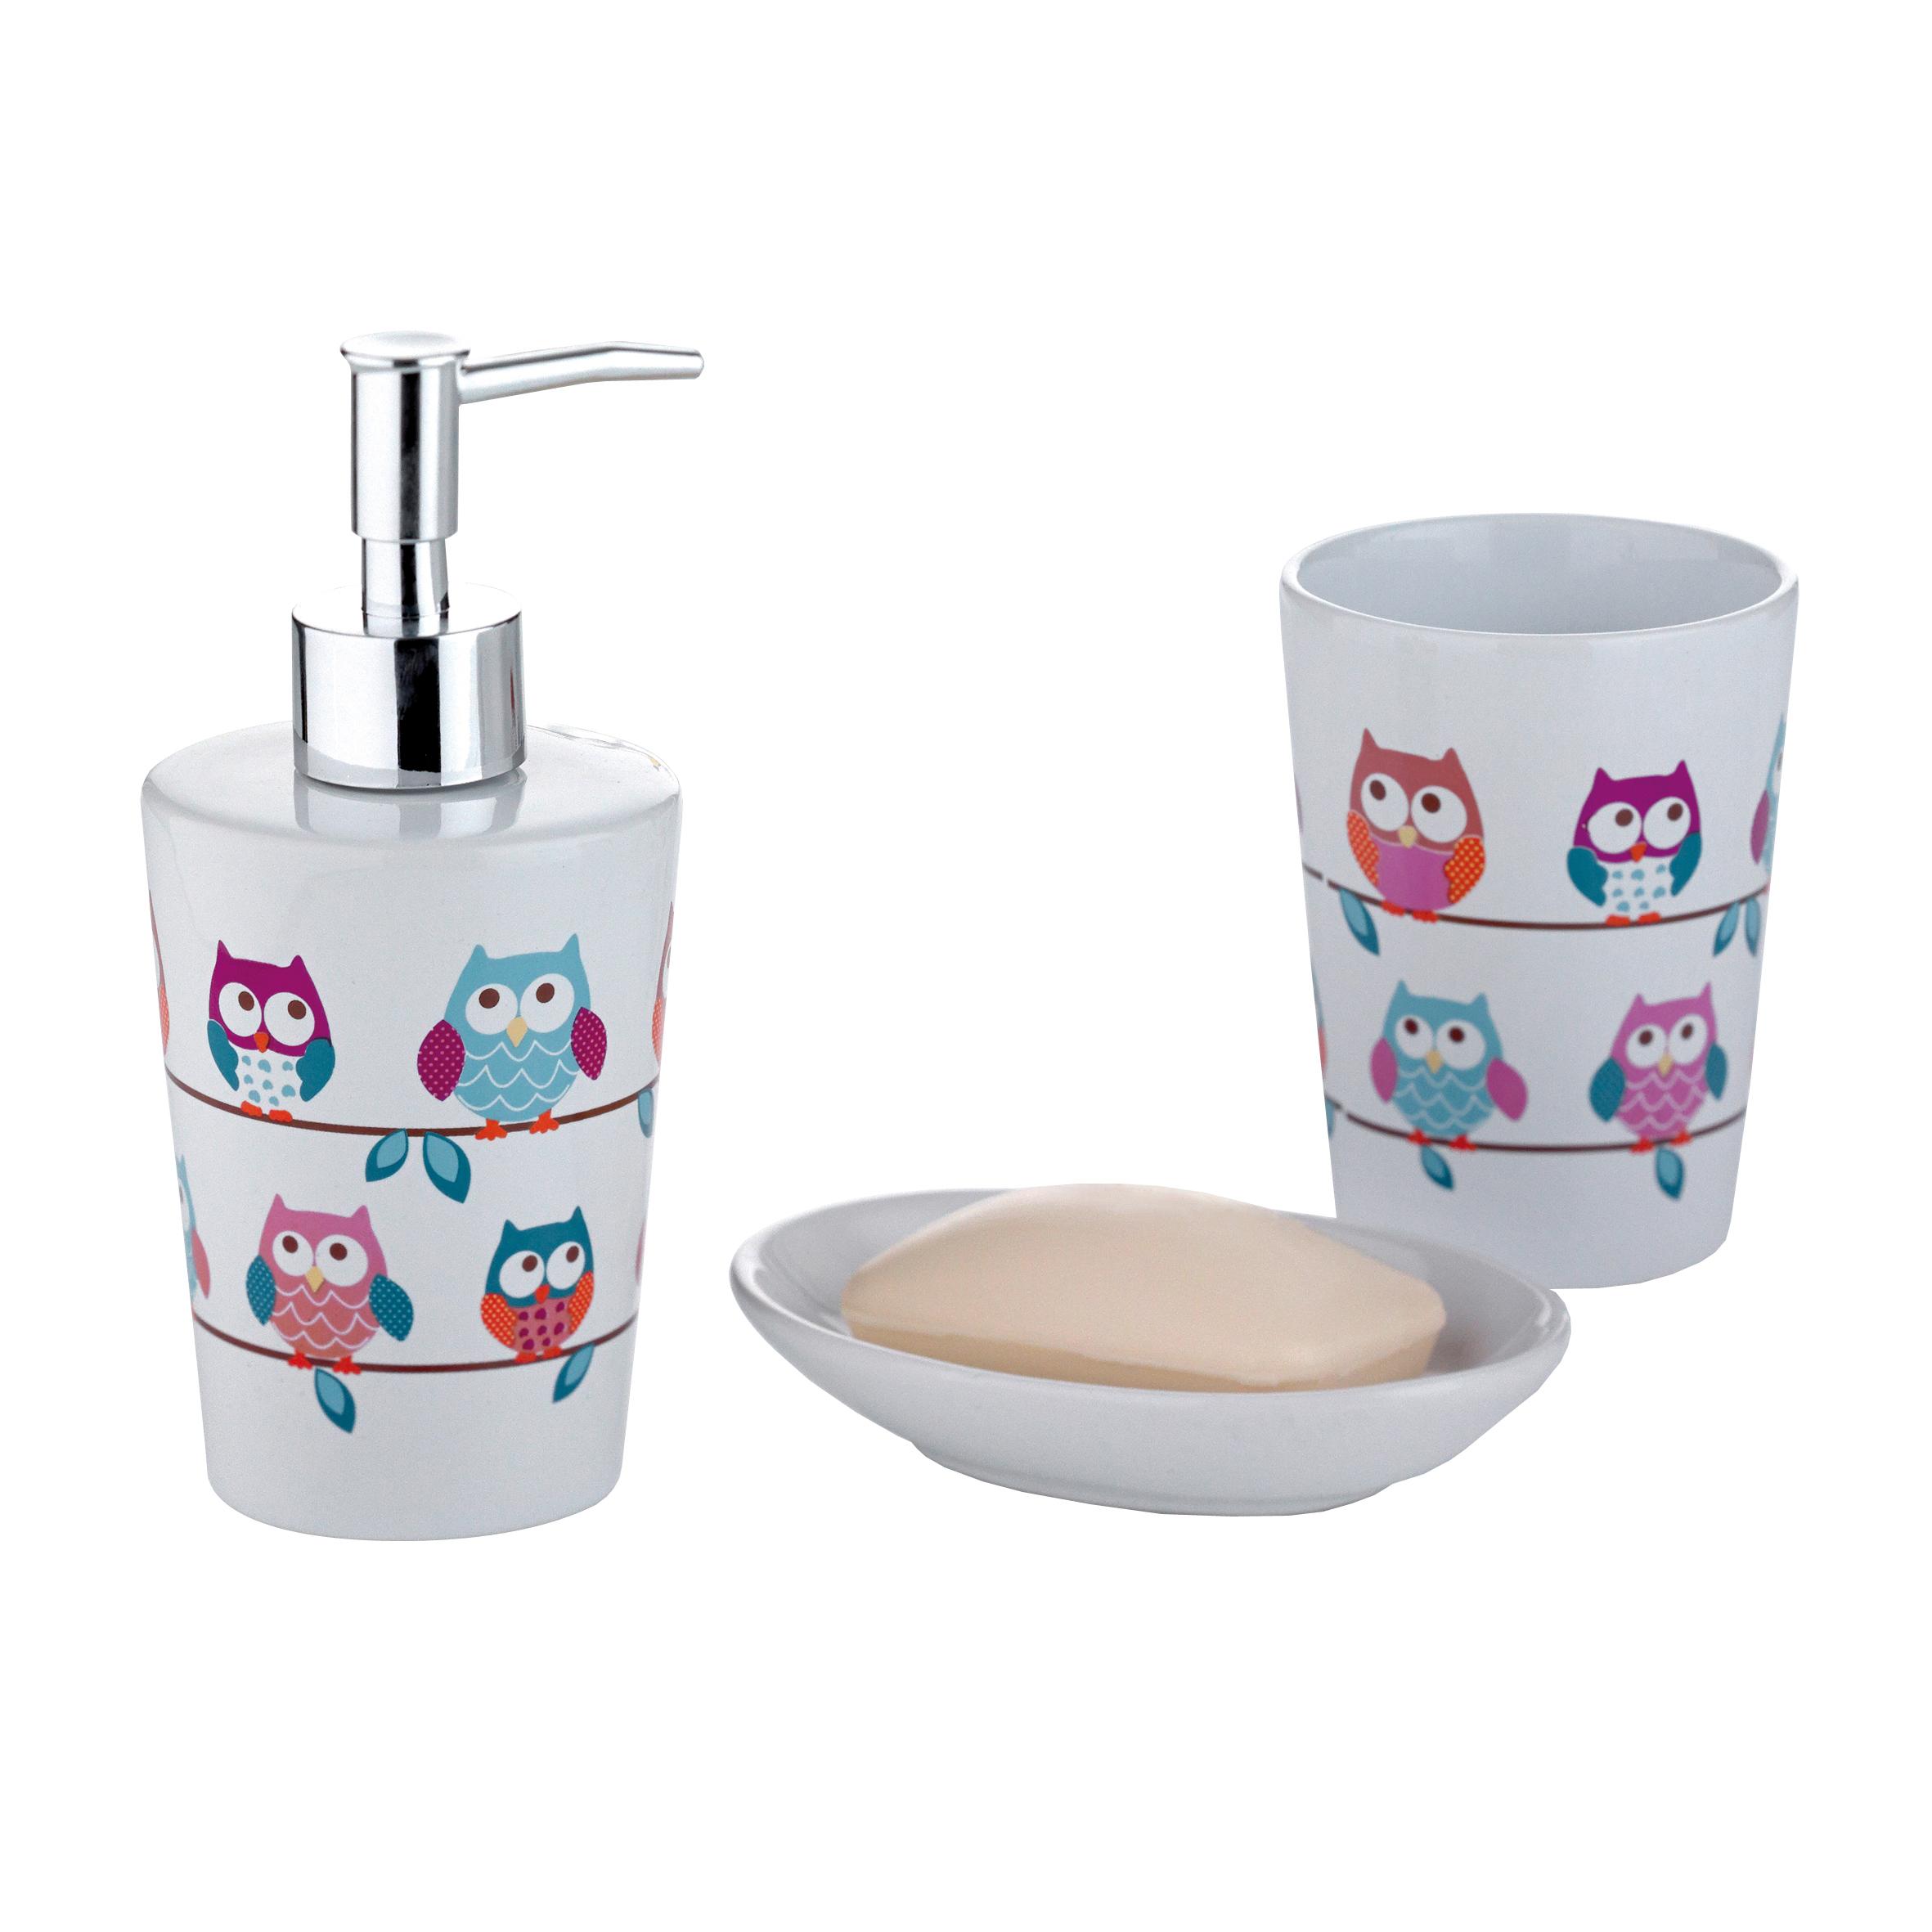 Набор для ванной комнаты Axentia Совы, 3 предмета282469Набор для ванной комнаты Axentia Совы, выполнен из натуральной и элегантной керамики, состоит из стакана для зубных щеток, дозатора для жидкого мыла и мыльницы. Изделия декорированы яркими рисунками с изображением совы. Аксессуары, входящие в набор Axentia Совы, выполняют не только практическую, но и декоративную функцию. Они способны внести в помещение изысканность, сделать пребывание в нем приятным и даже незабываемым.